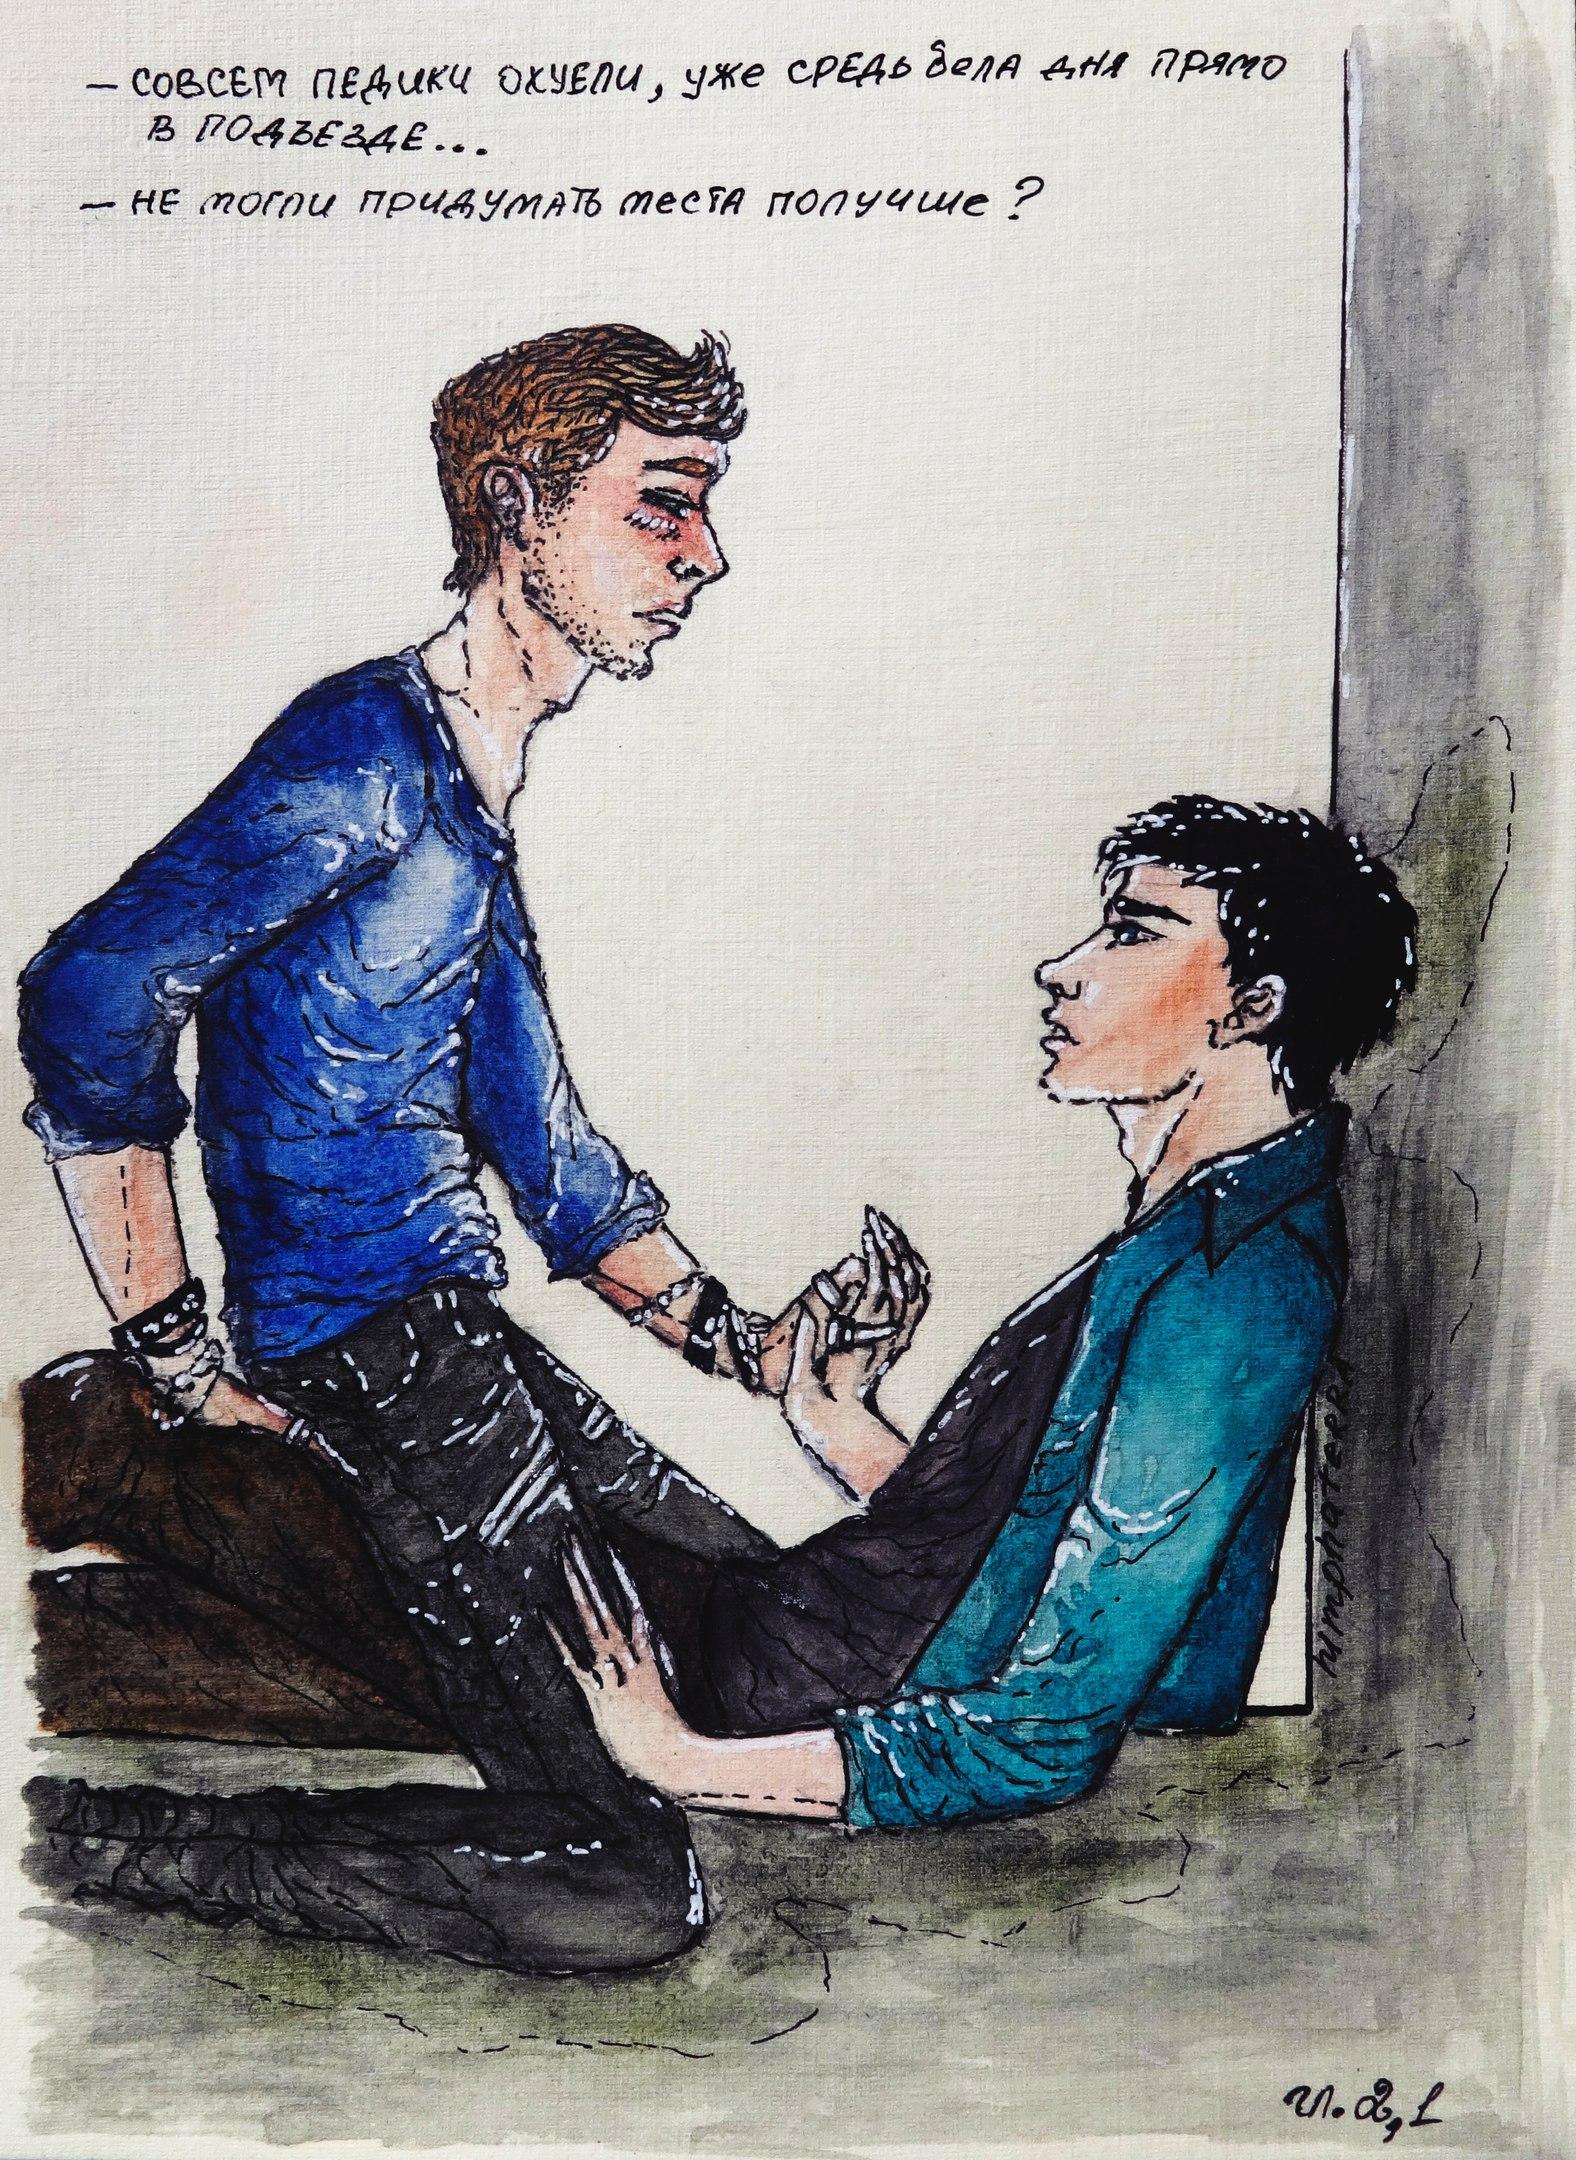 Темноволосый молодой мужчина в тёмной одежде и накинутой поверх бирюзовой рубашке полулежит-полусидит на полу. На нём восседает верхом, держась с ним за руки, худощавый русоволосый парень (смущённое лицо, чёрные штаны, синий джемпер, множество колец и браслетов).